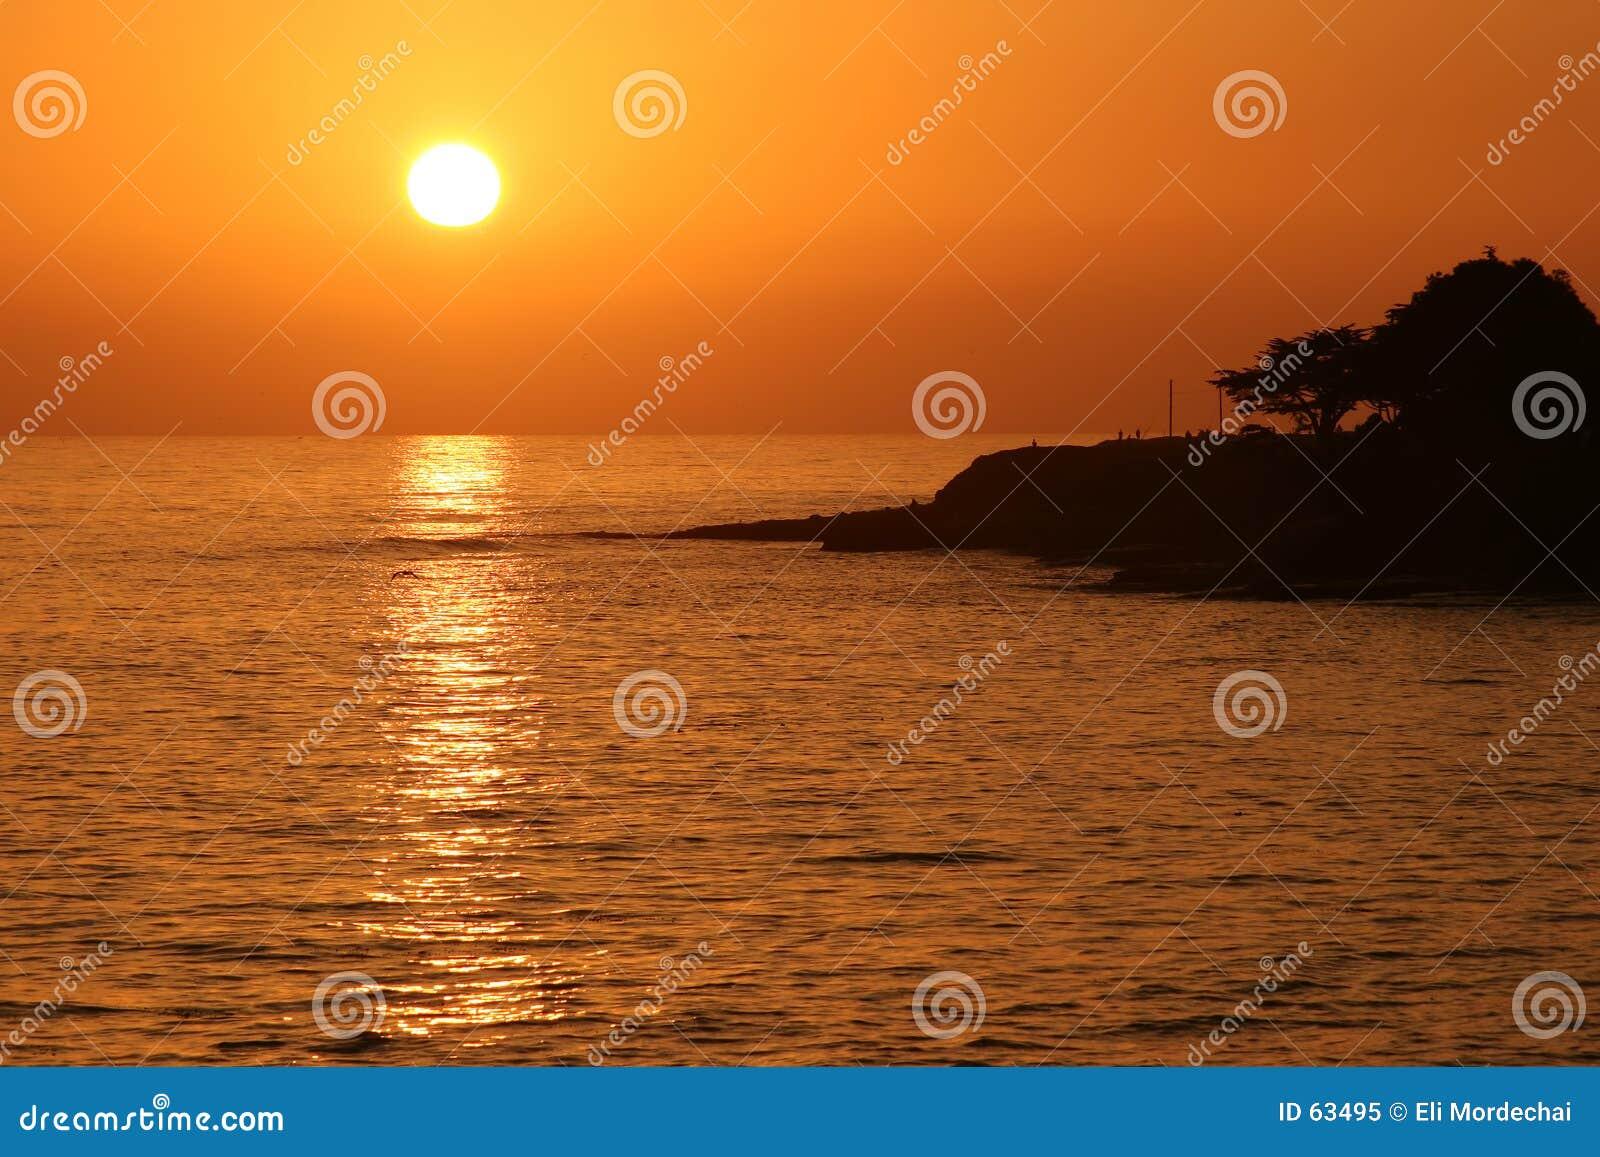 Download Coucher du soleil image stock. Image du plage, rivage, pacifique - 63495